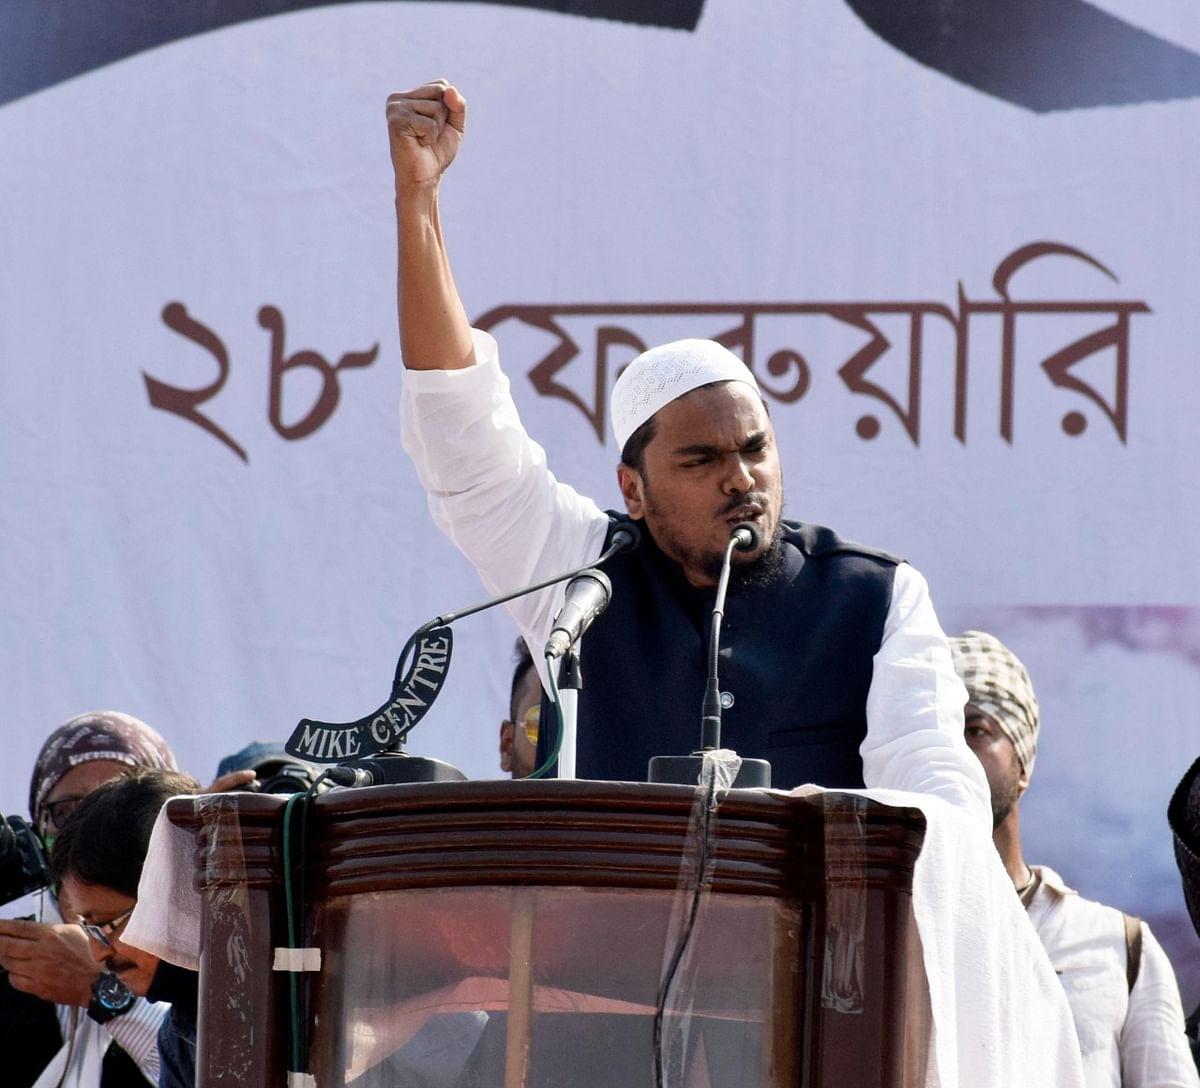 पश्चिम बंगाल में कांग्रेस से दूर हो जायेंगे मुस्लिम वोटर ? आखिर पीरजादा अब्बास की पार्टी से क्यों डर रही है कांग्रेस